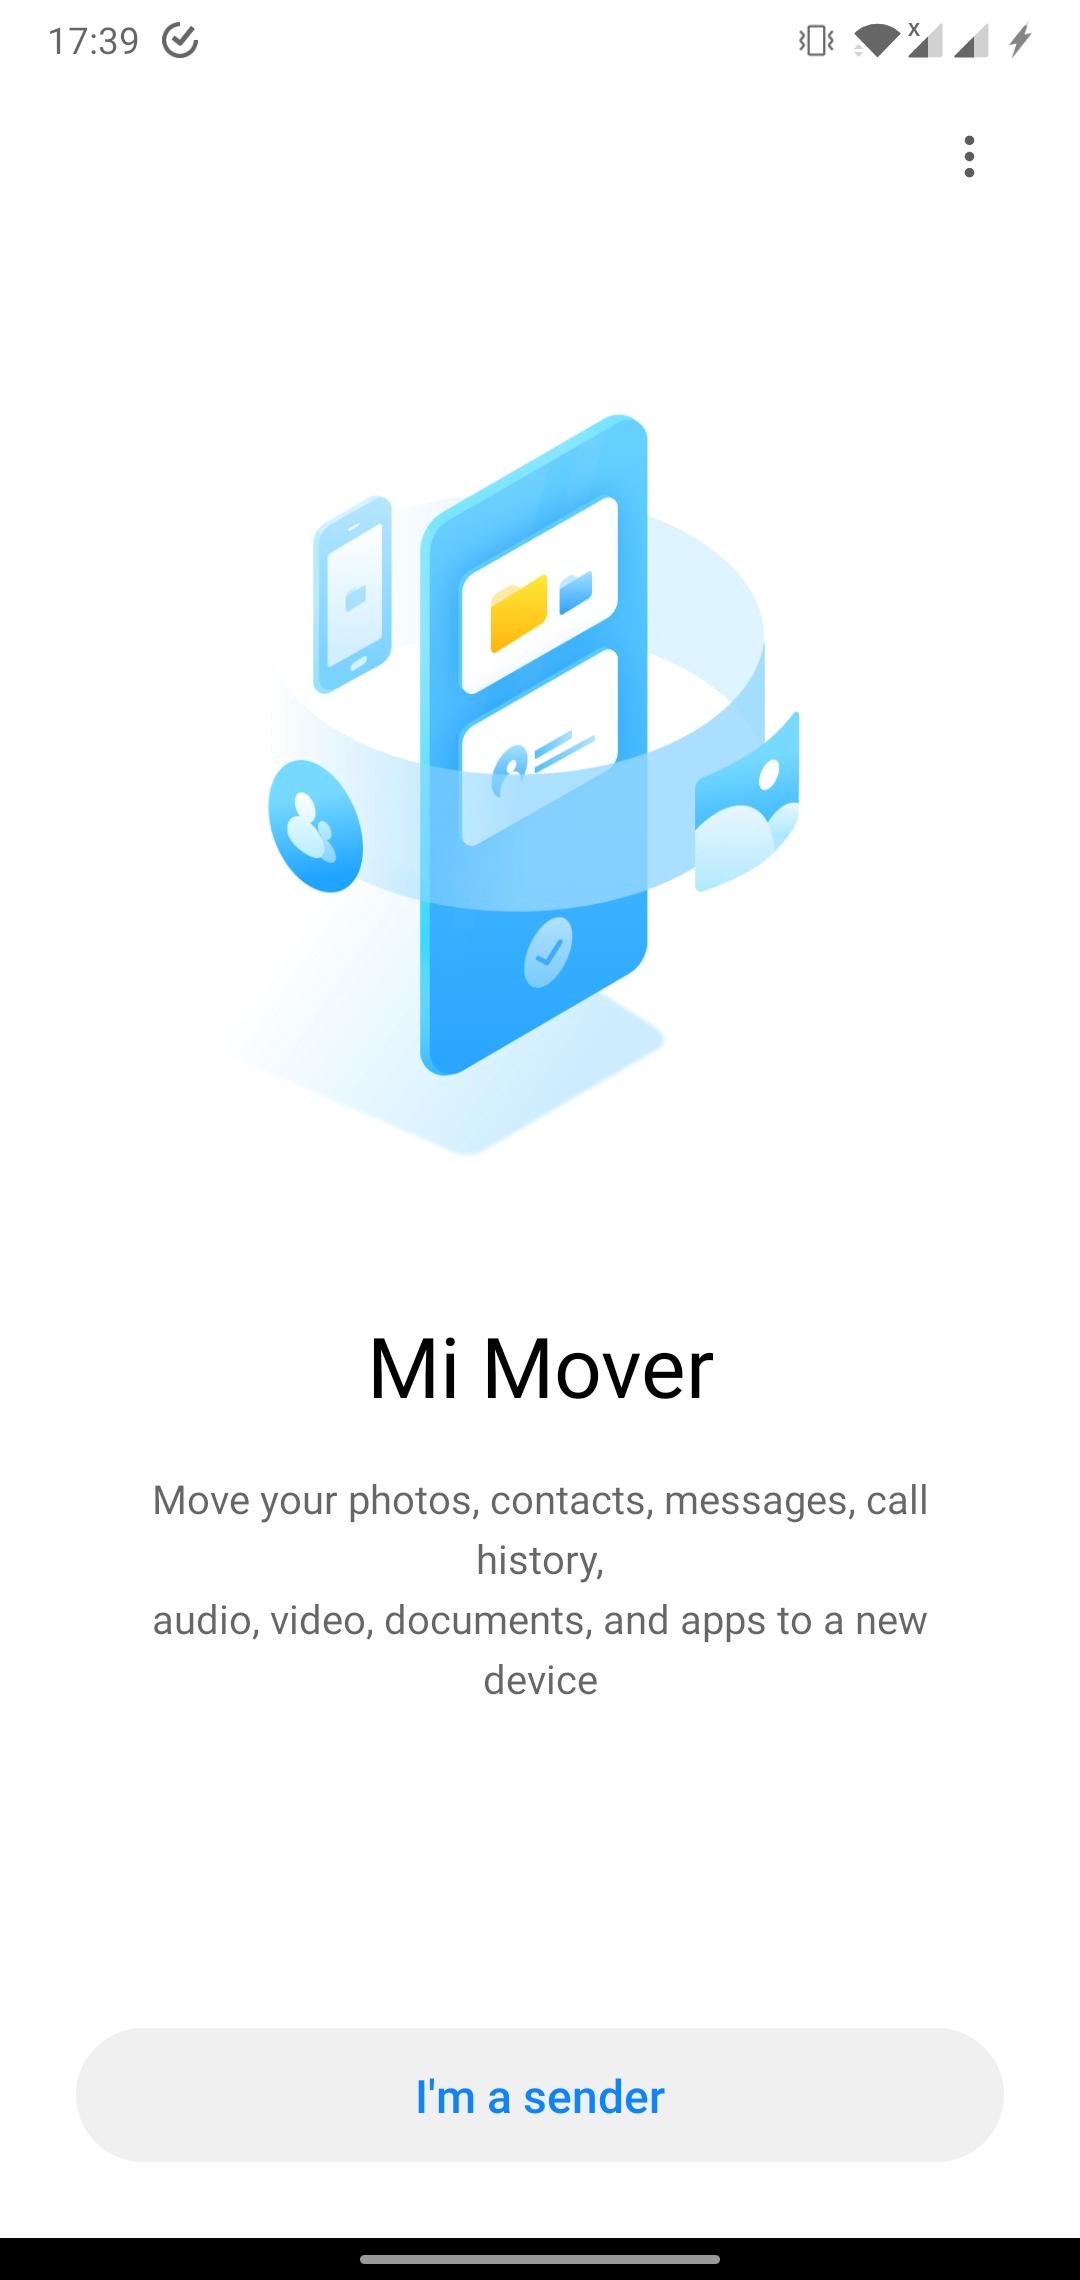 Aplikacja Xiaomi Mi Mover